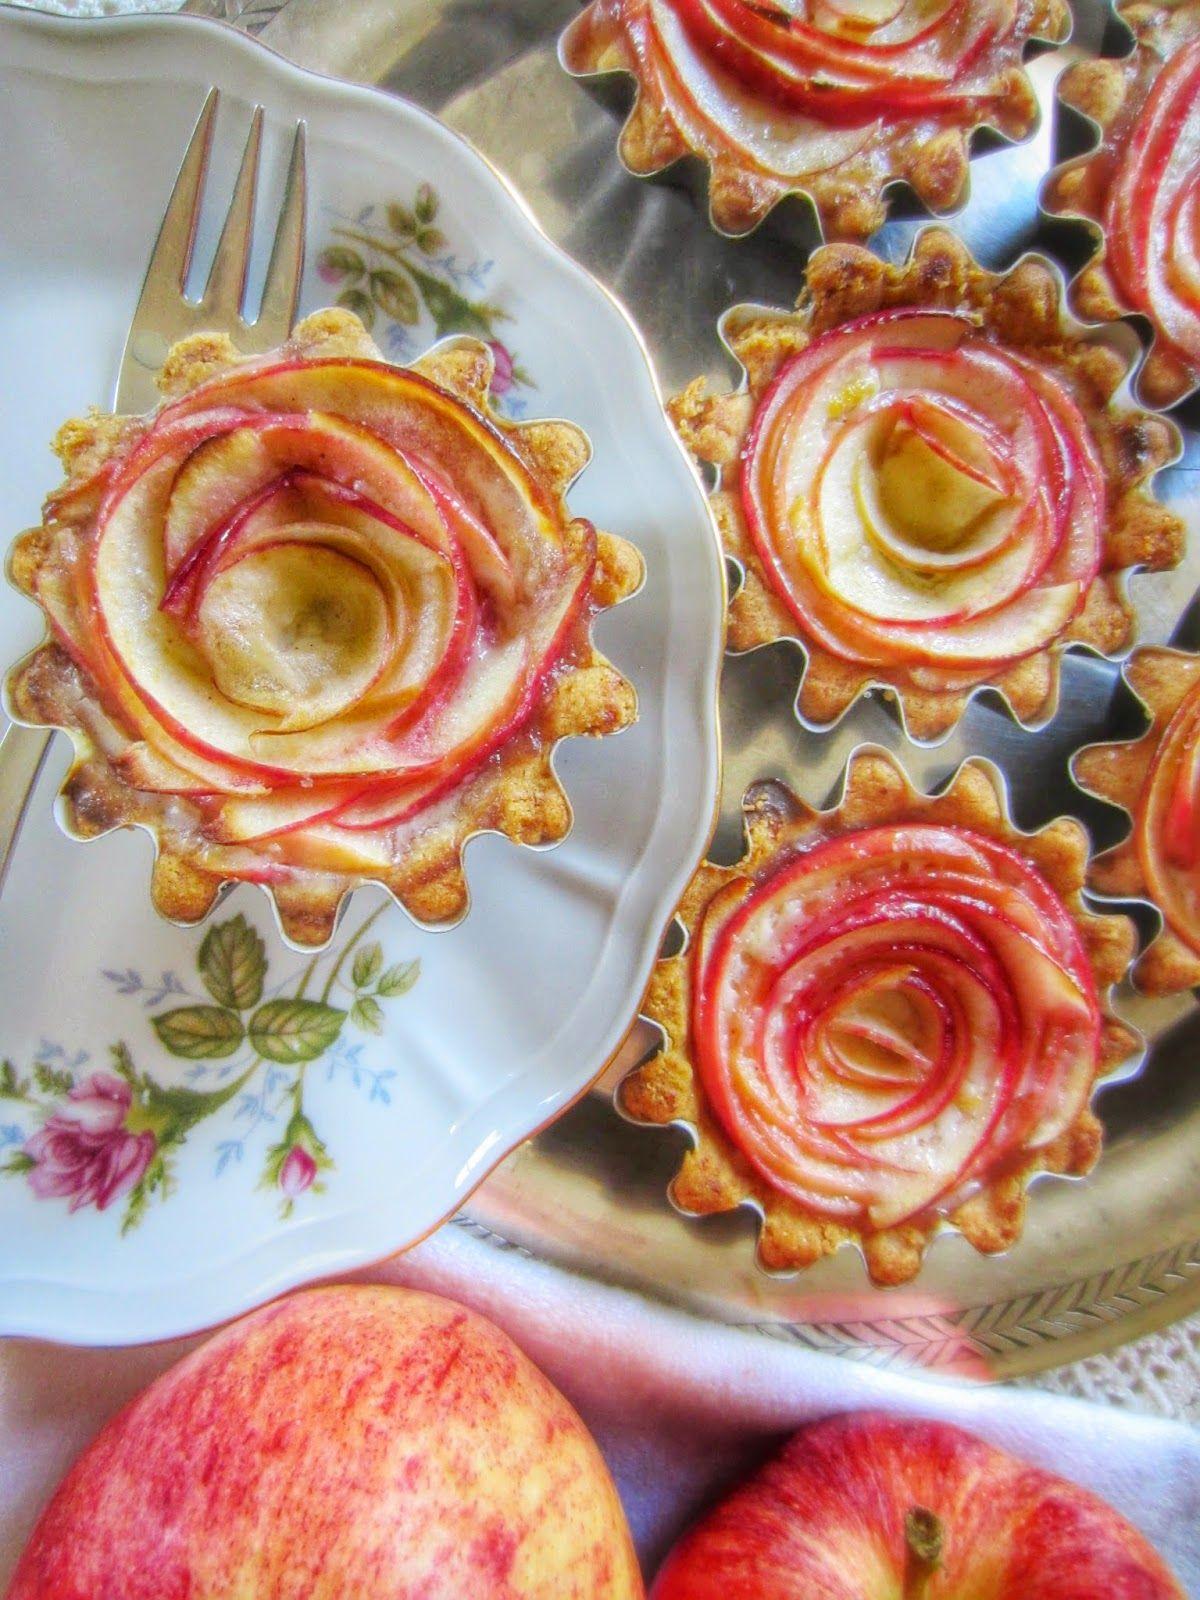 Piparkakkutalon akka - ruokablogi: Näin hyvää saa sitruunaa ja omenaa yhdistämällä!